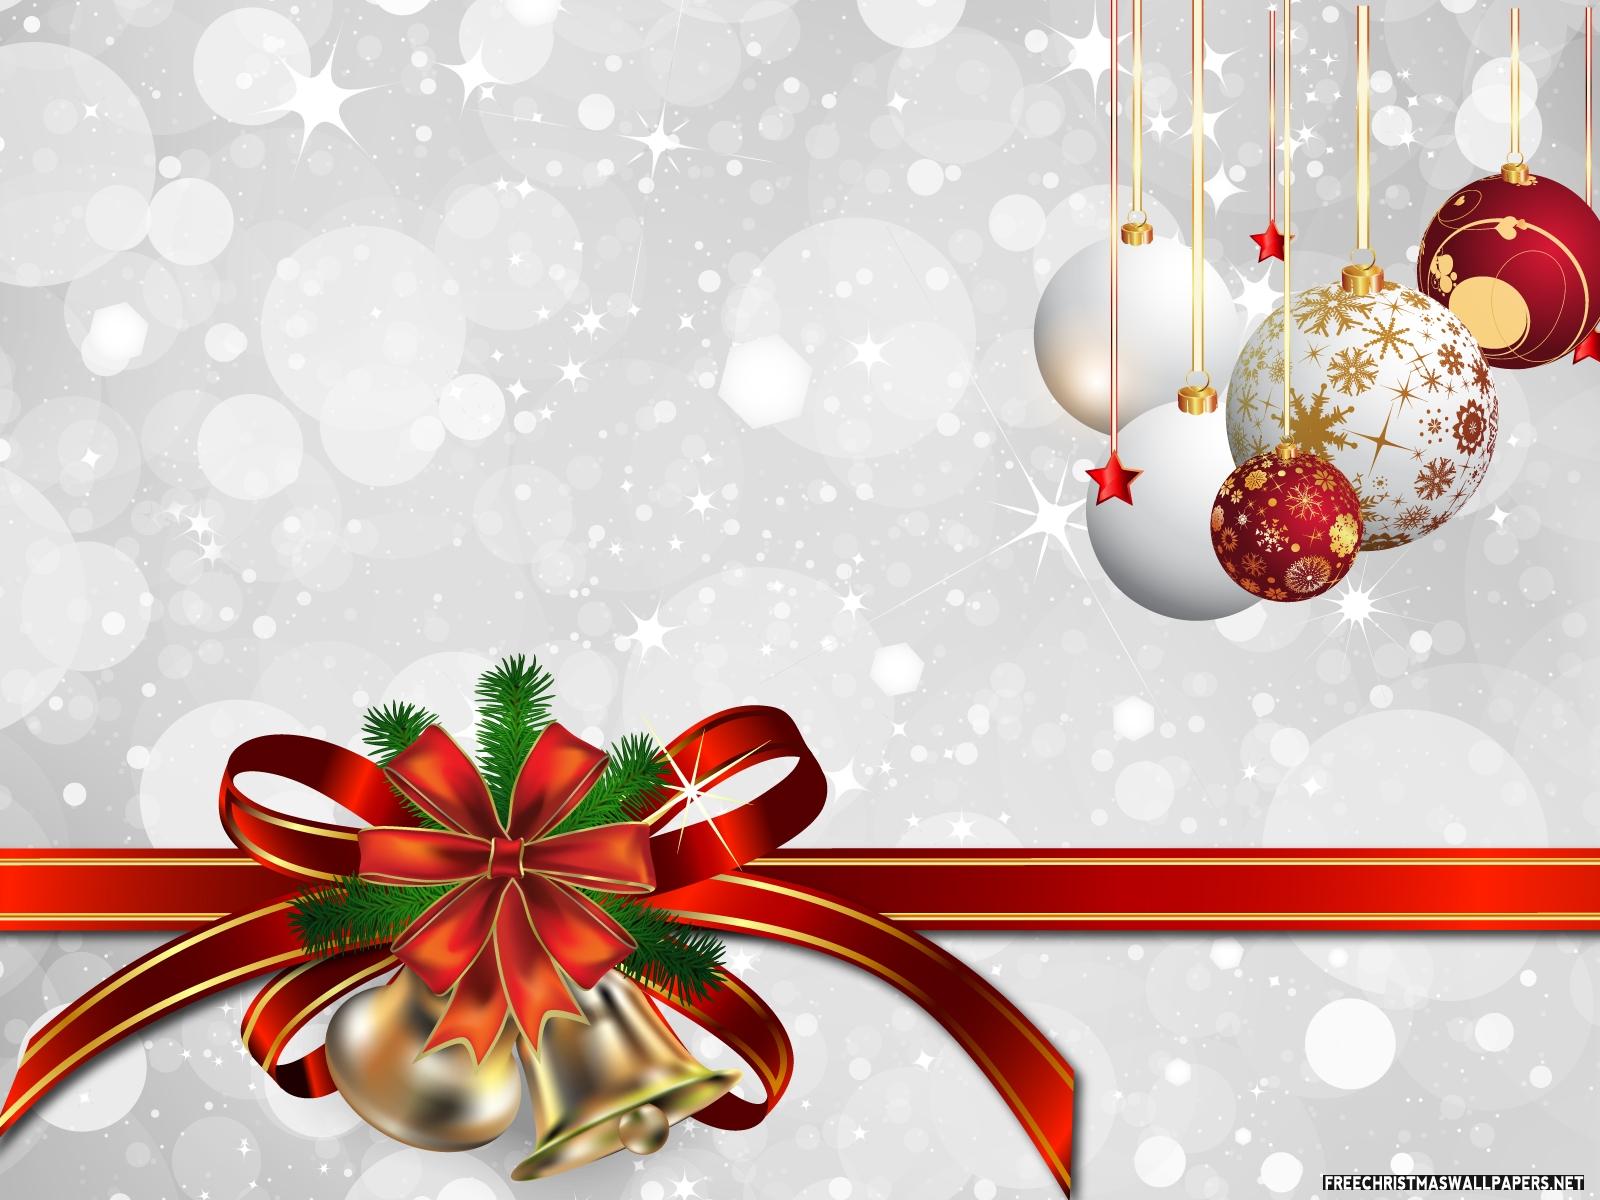 Backgrounds For Christmas - WallpaperSafari